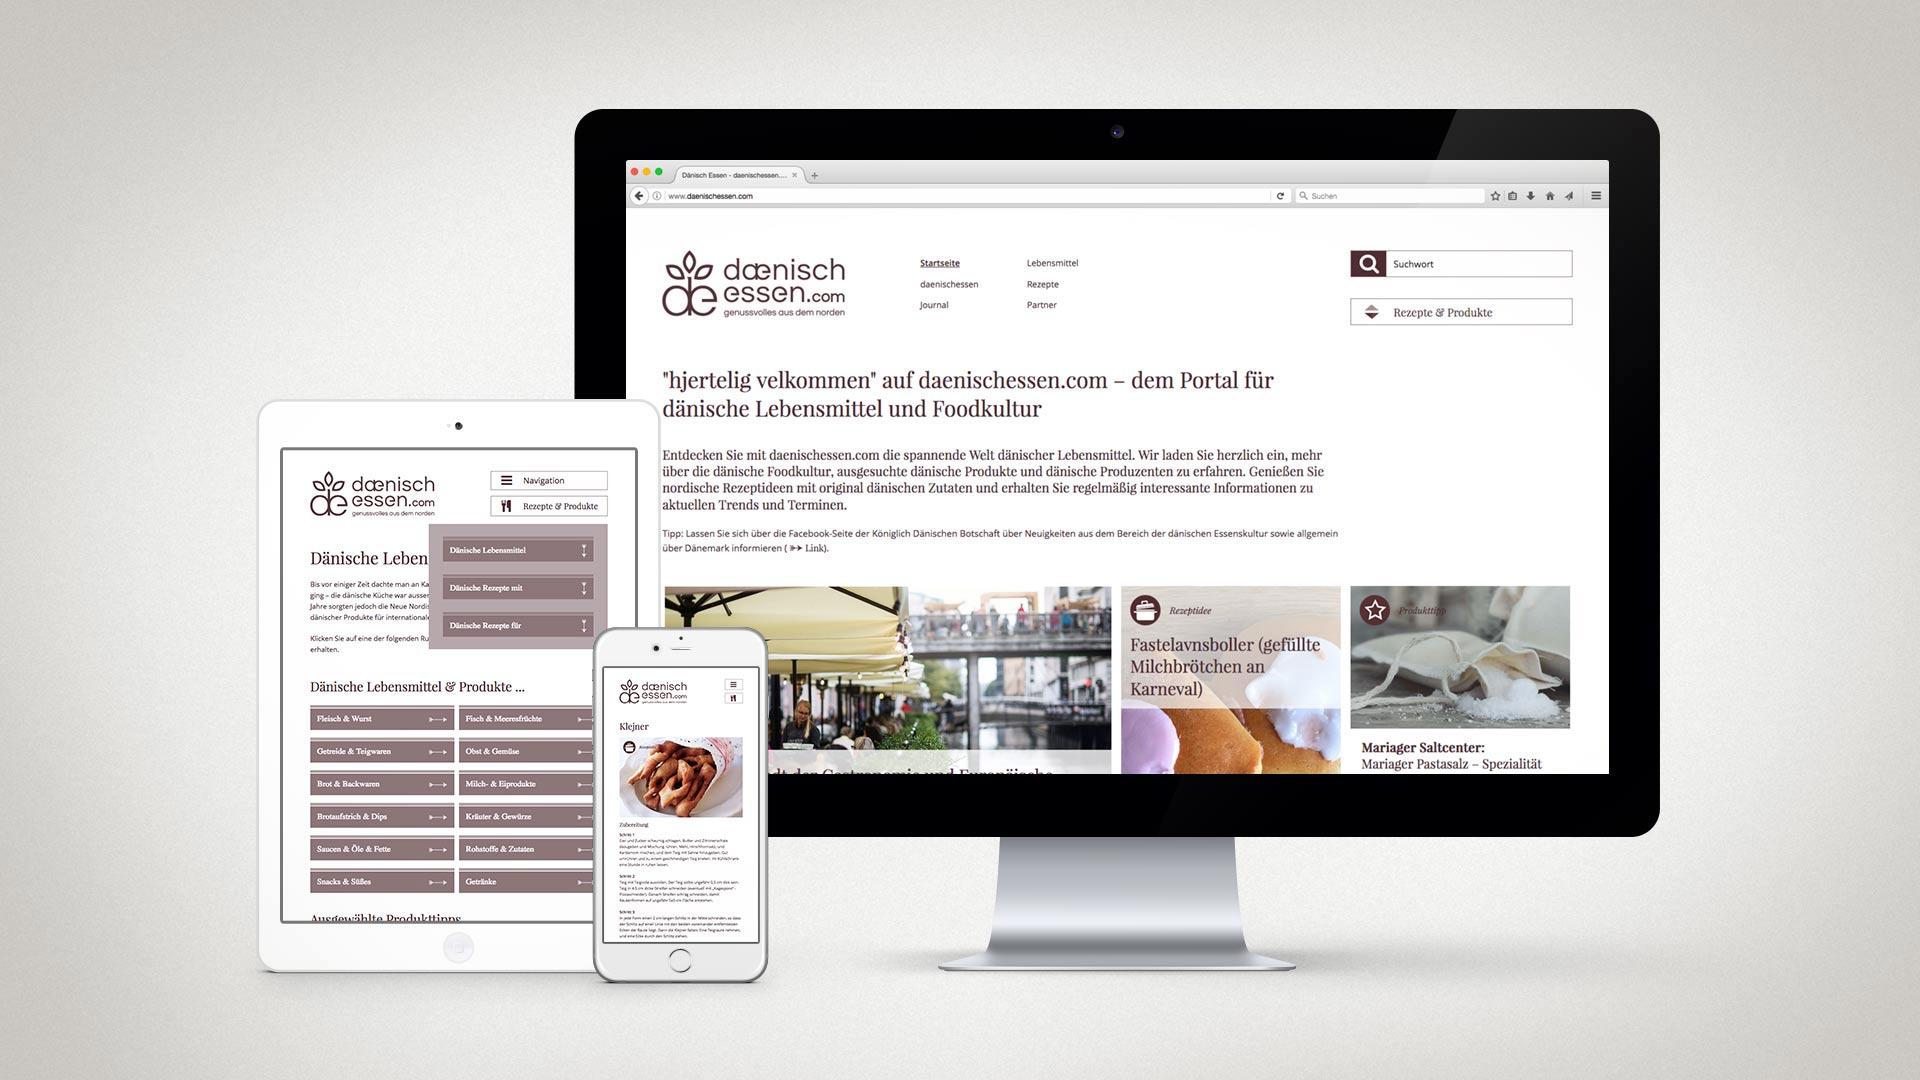 artventura-Projekt daenischessen.com:Responsives Webdesign und Umsetzung mit Typo3